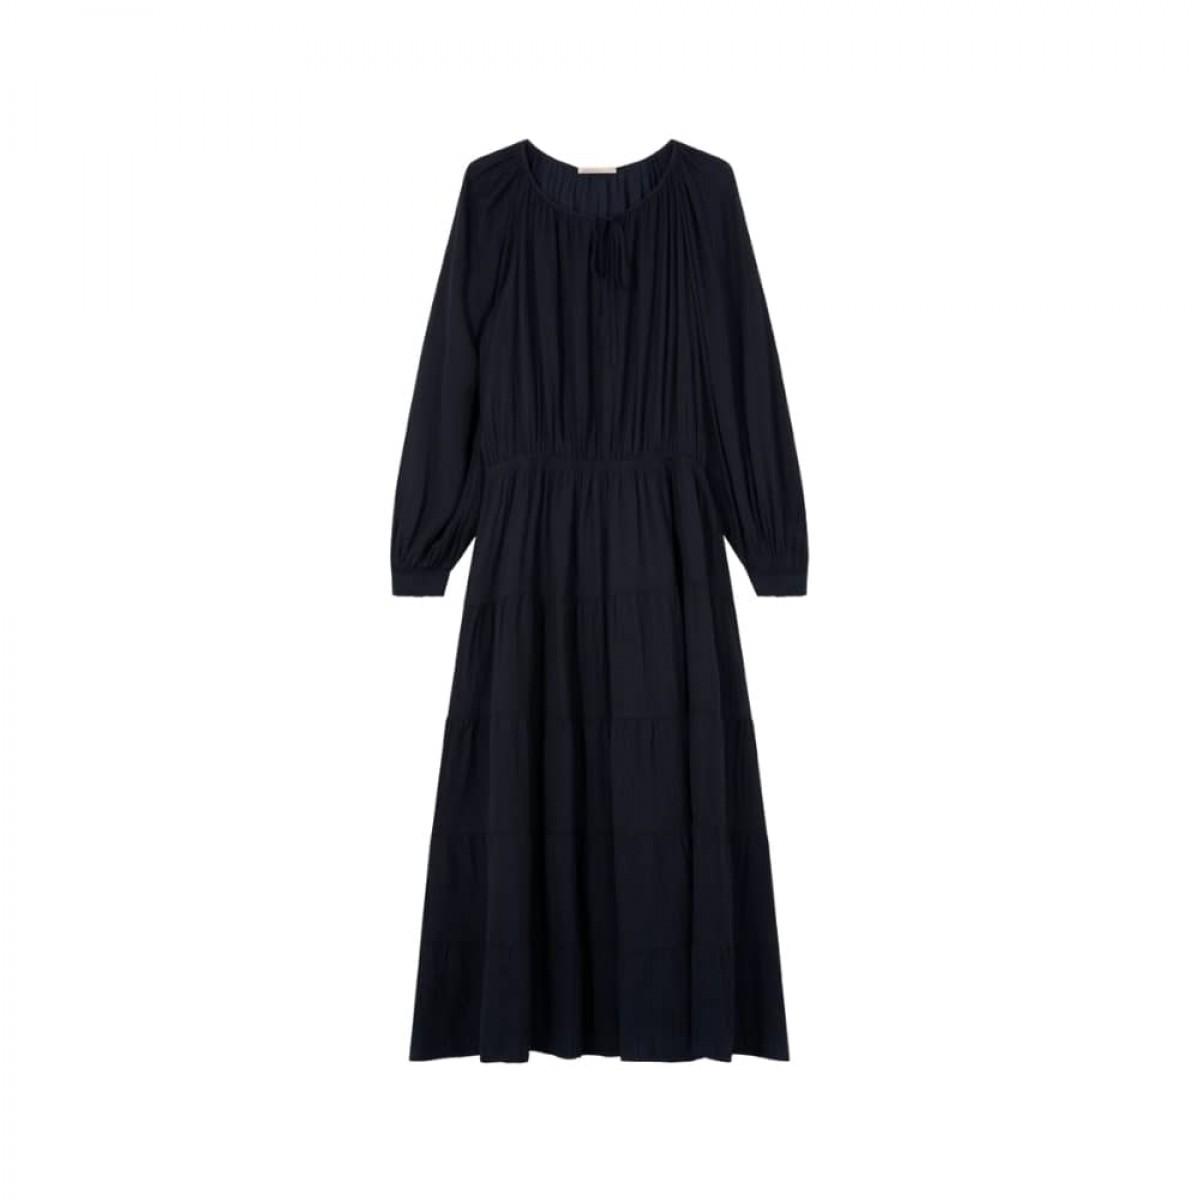 sultane dress - marine - front